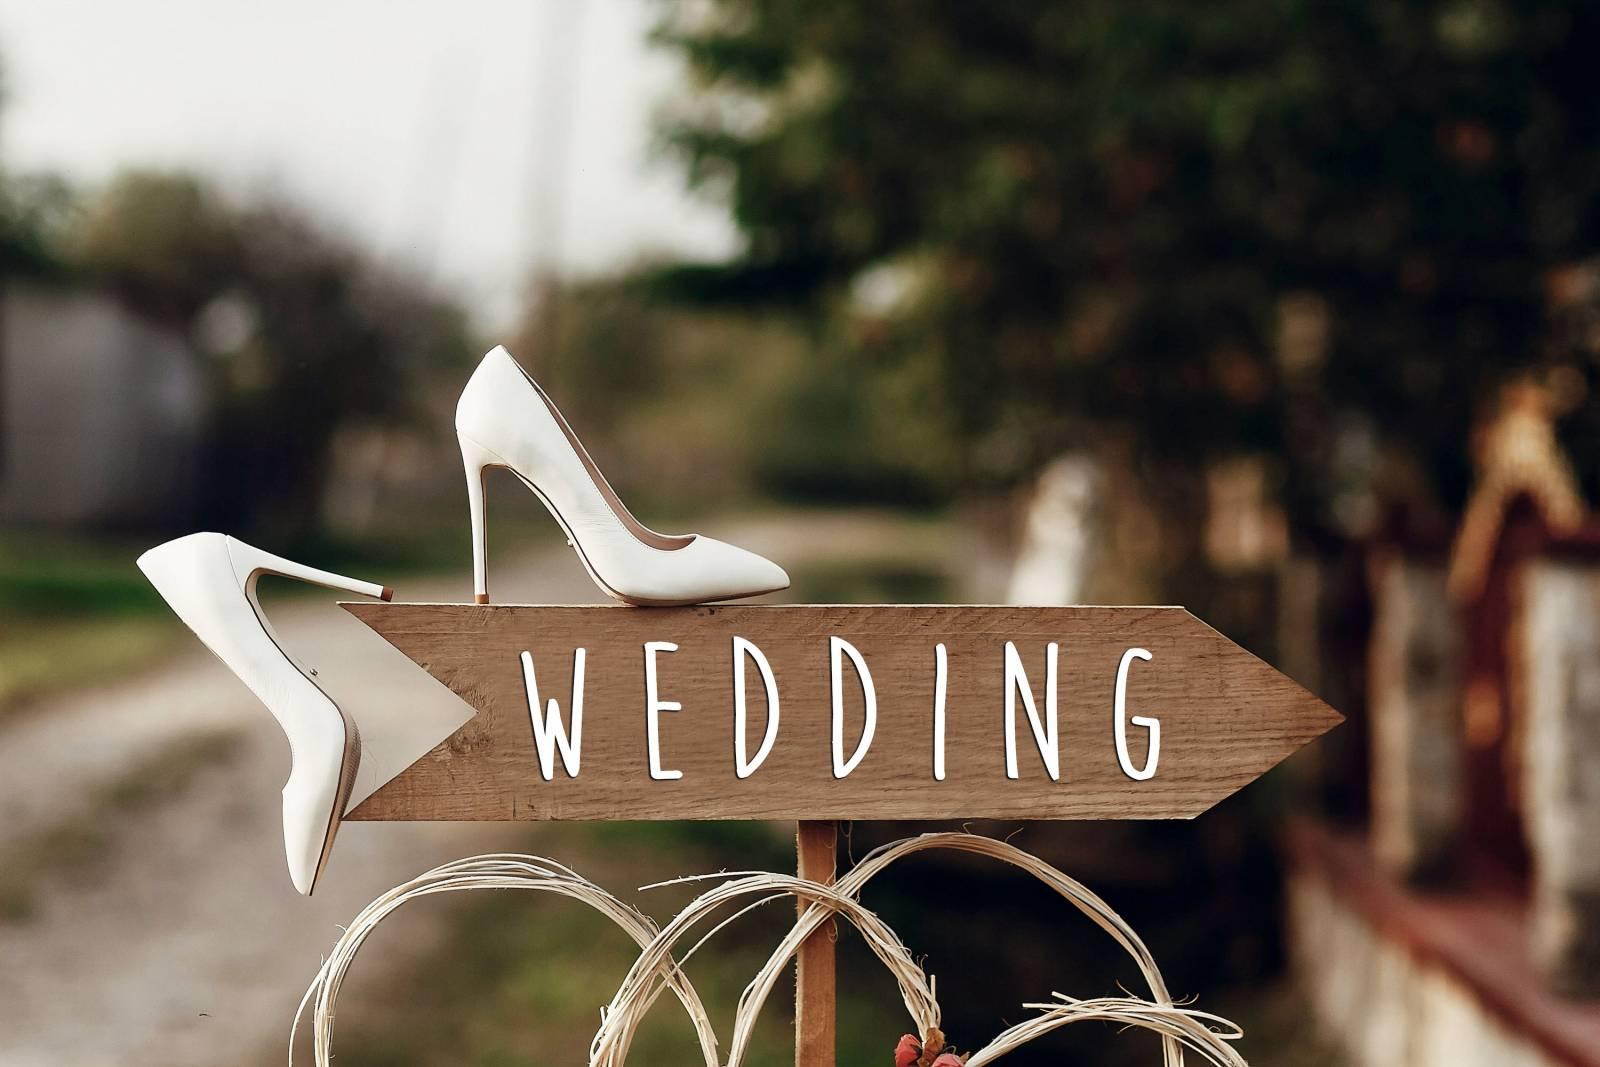 Me Gusta Culinair - Catering - House of Weddings - 1